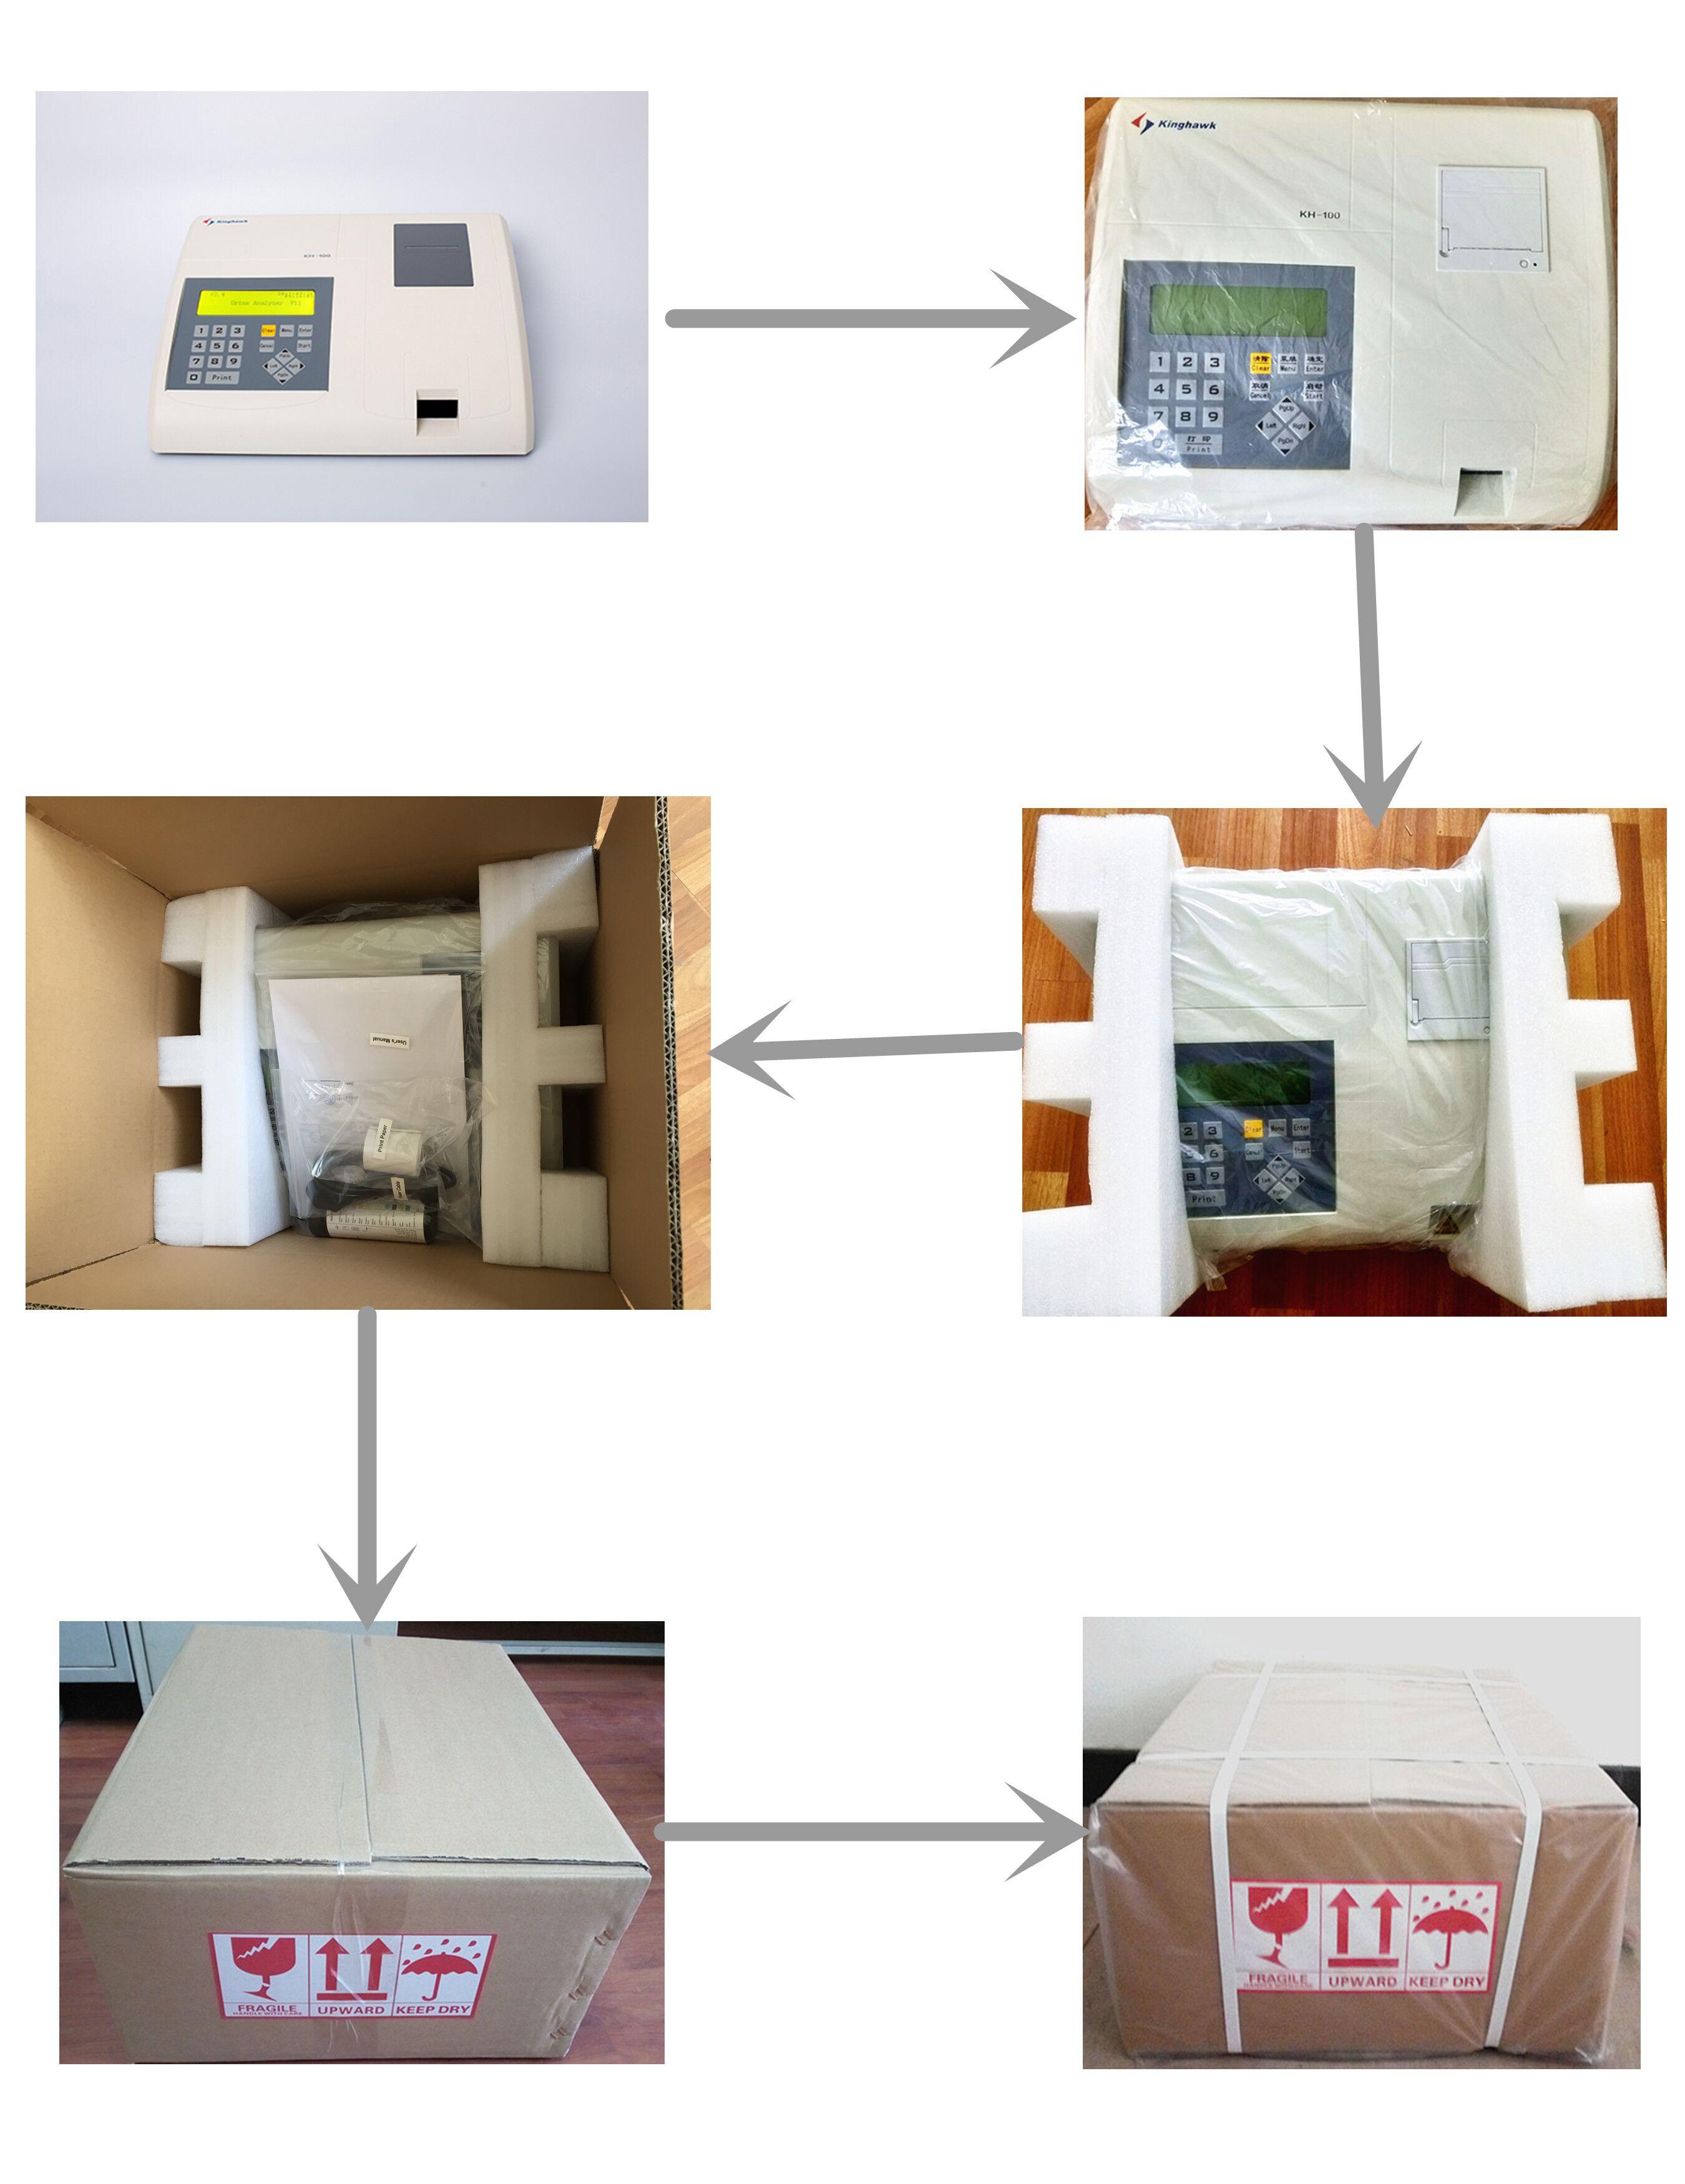 Urine Testing Equipment